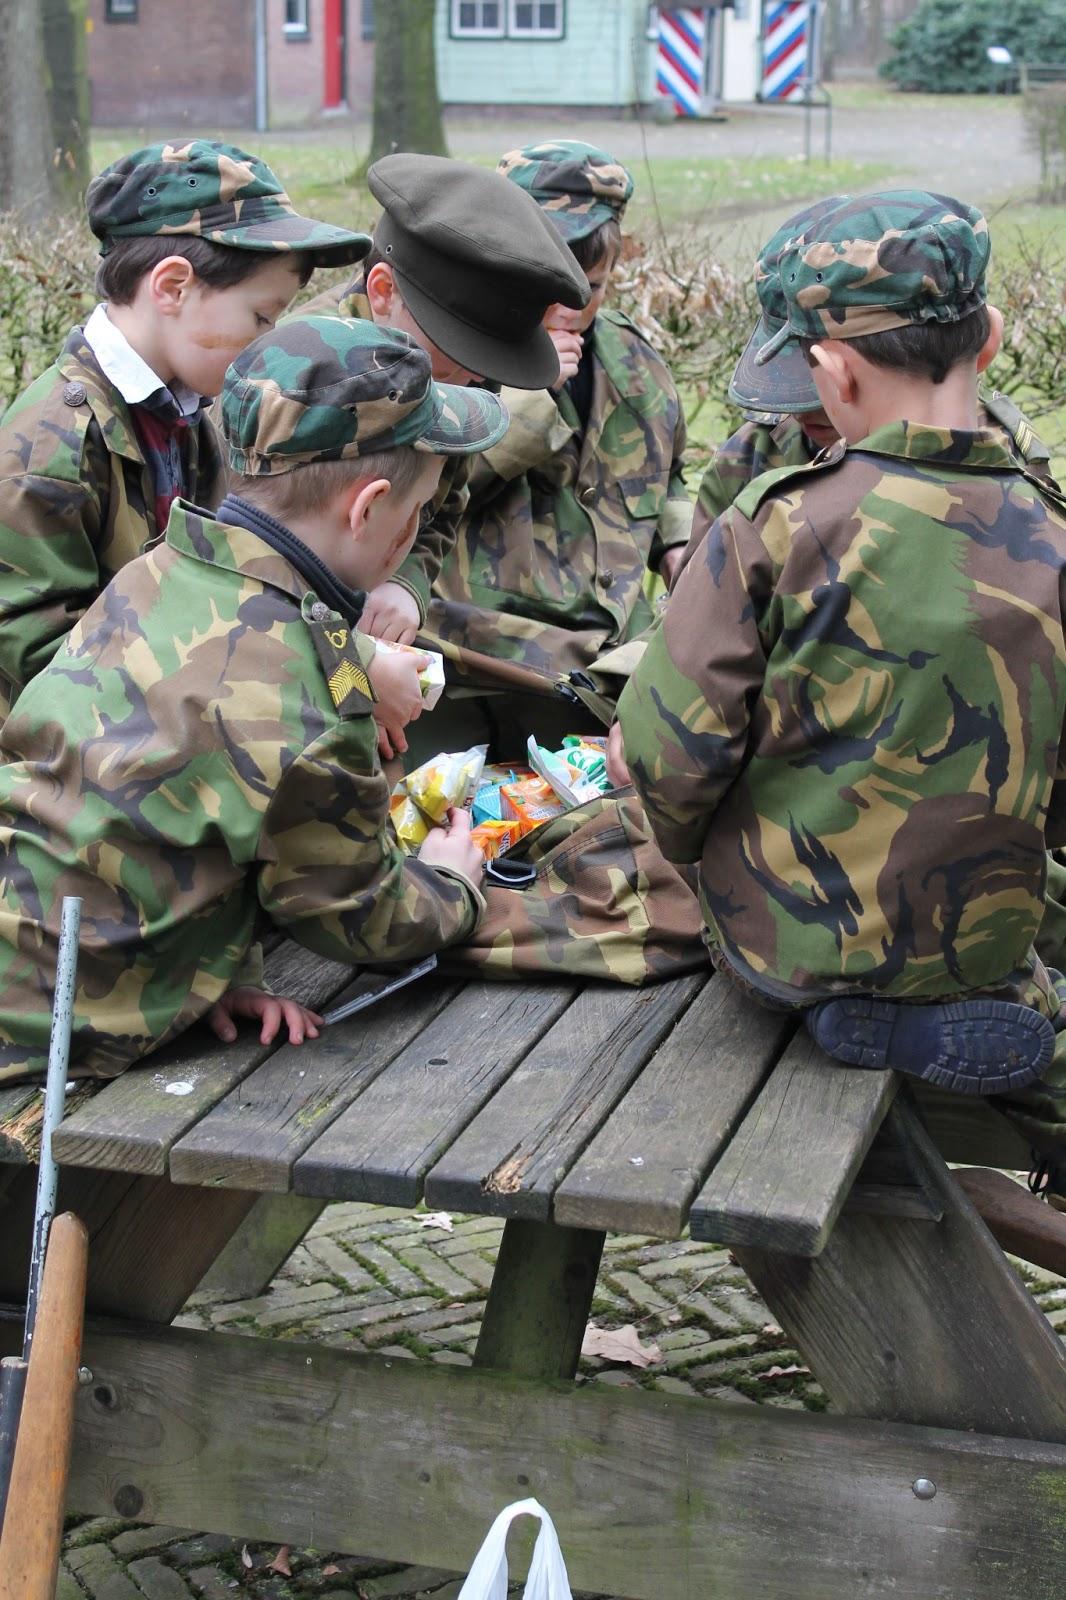 soldaat camouflage schmink